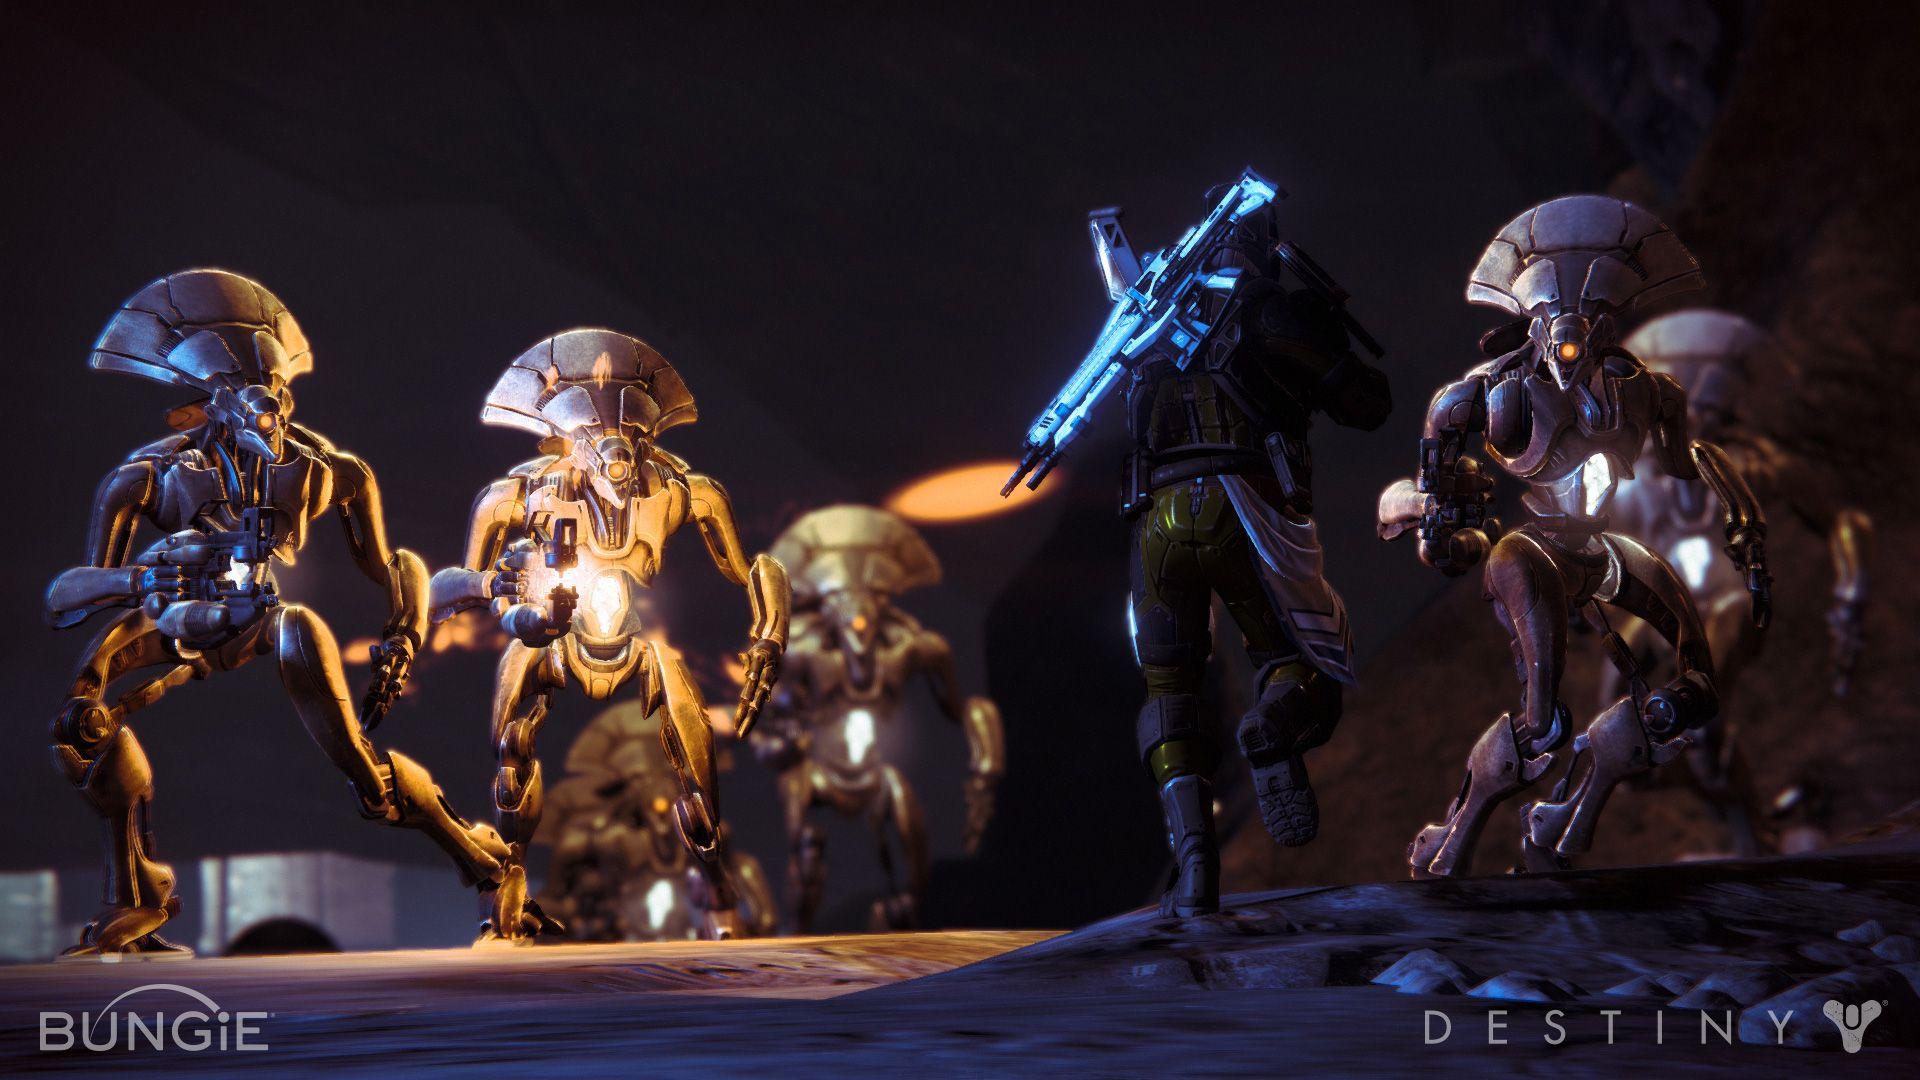 Destiny-Vex